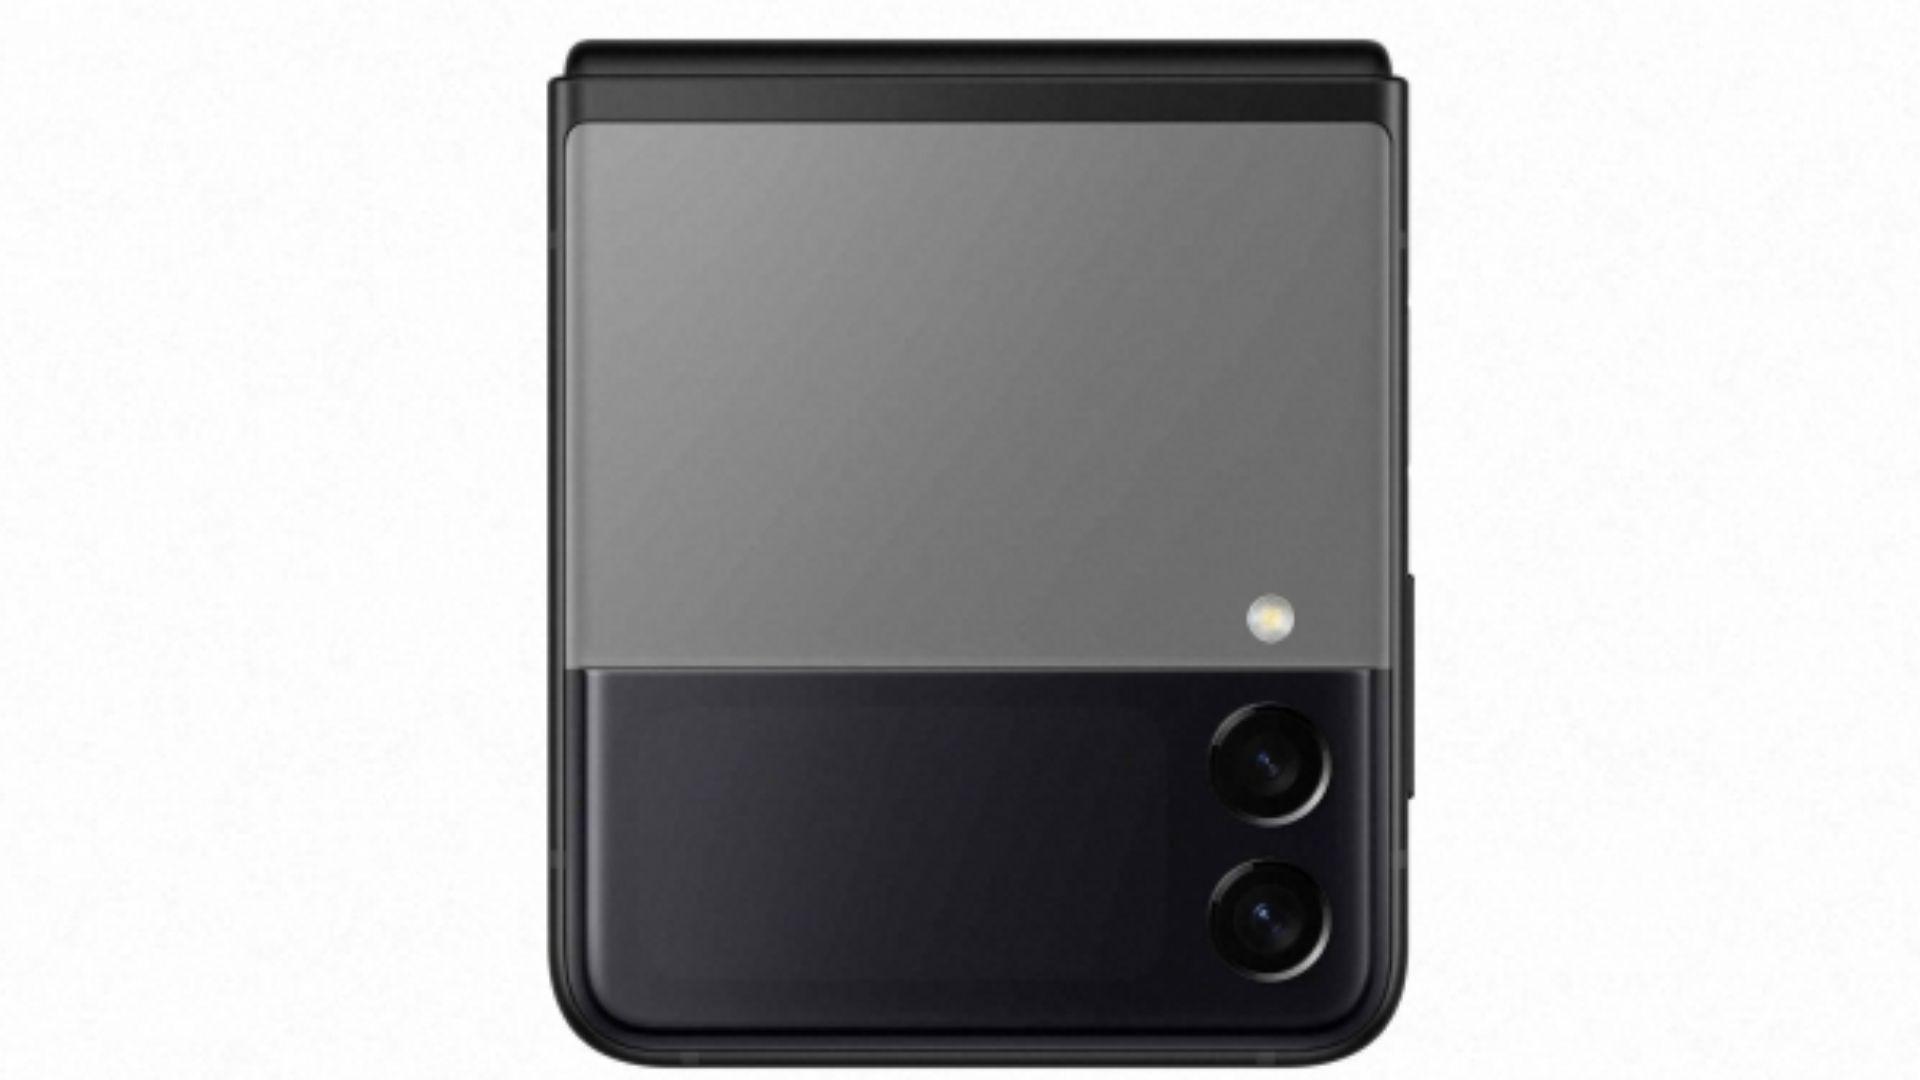 Celular Galaxy Z Flip 3 na cor preta em fundo branco